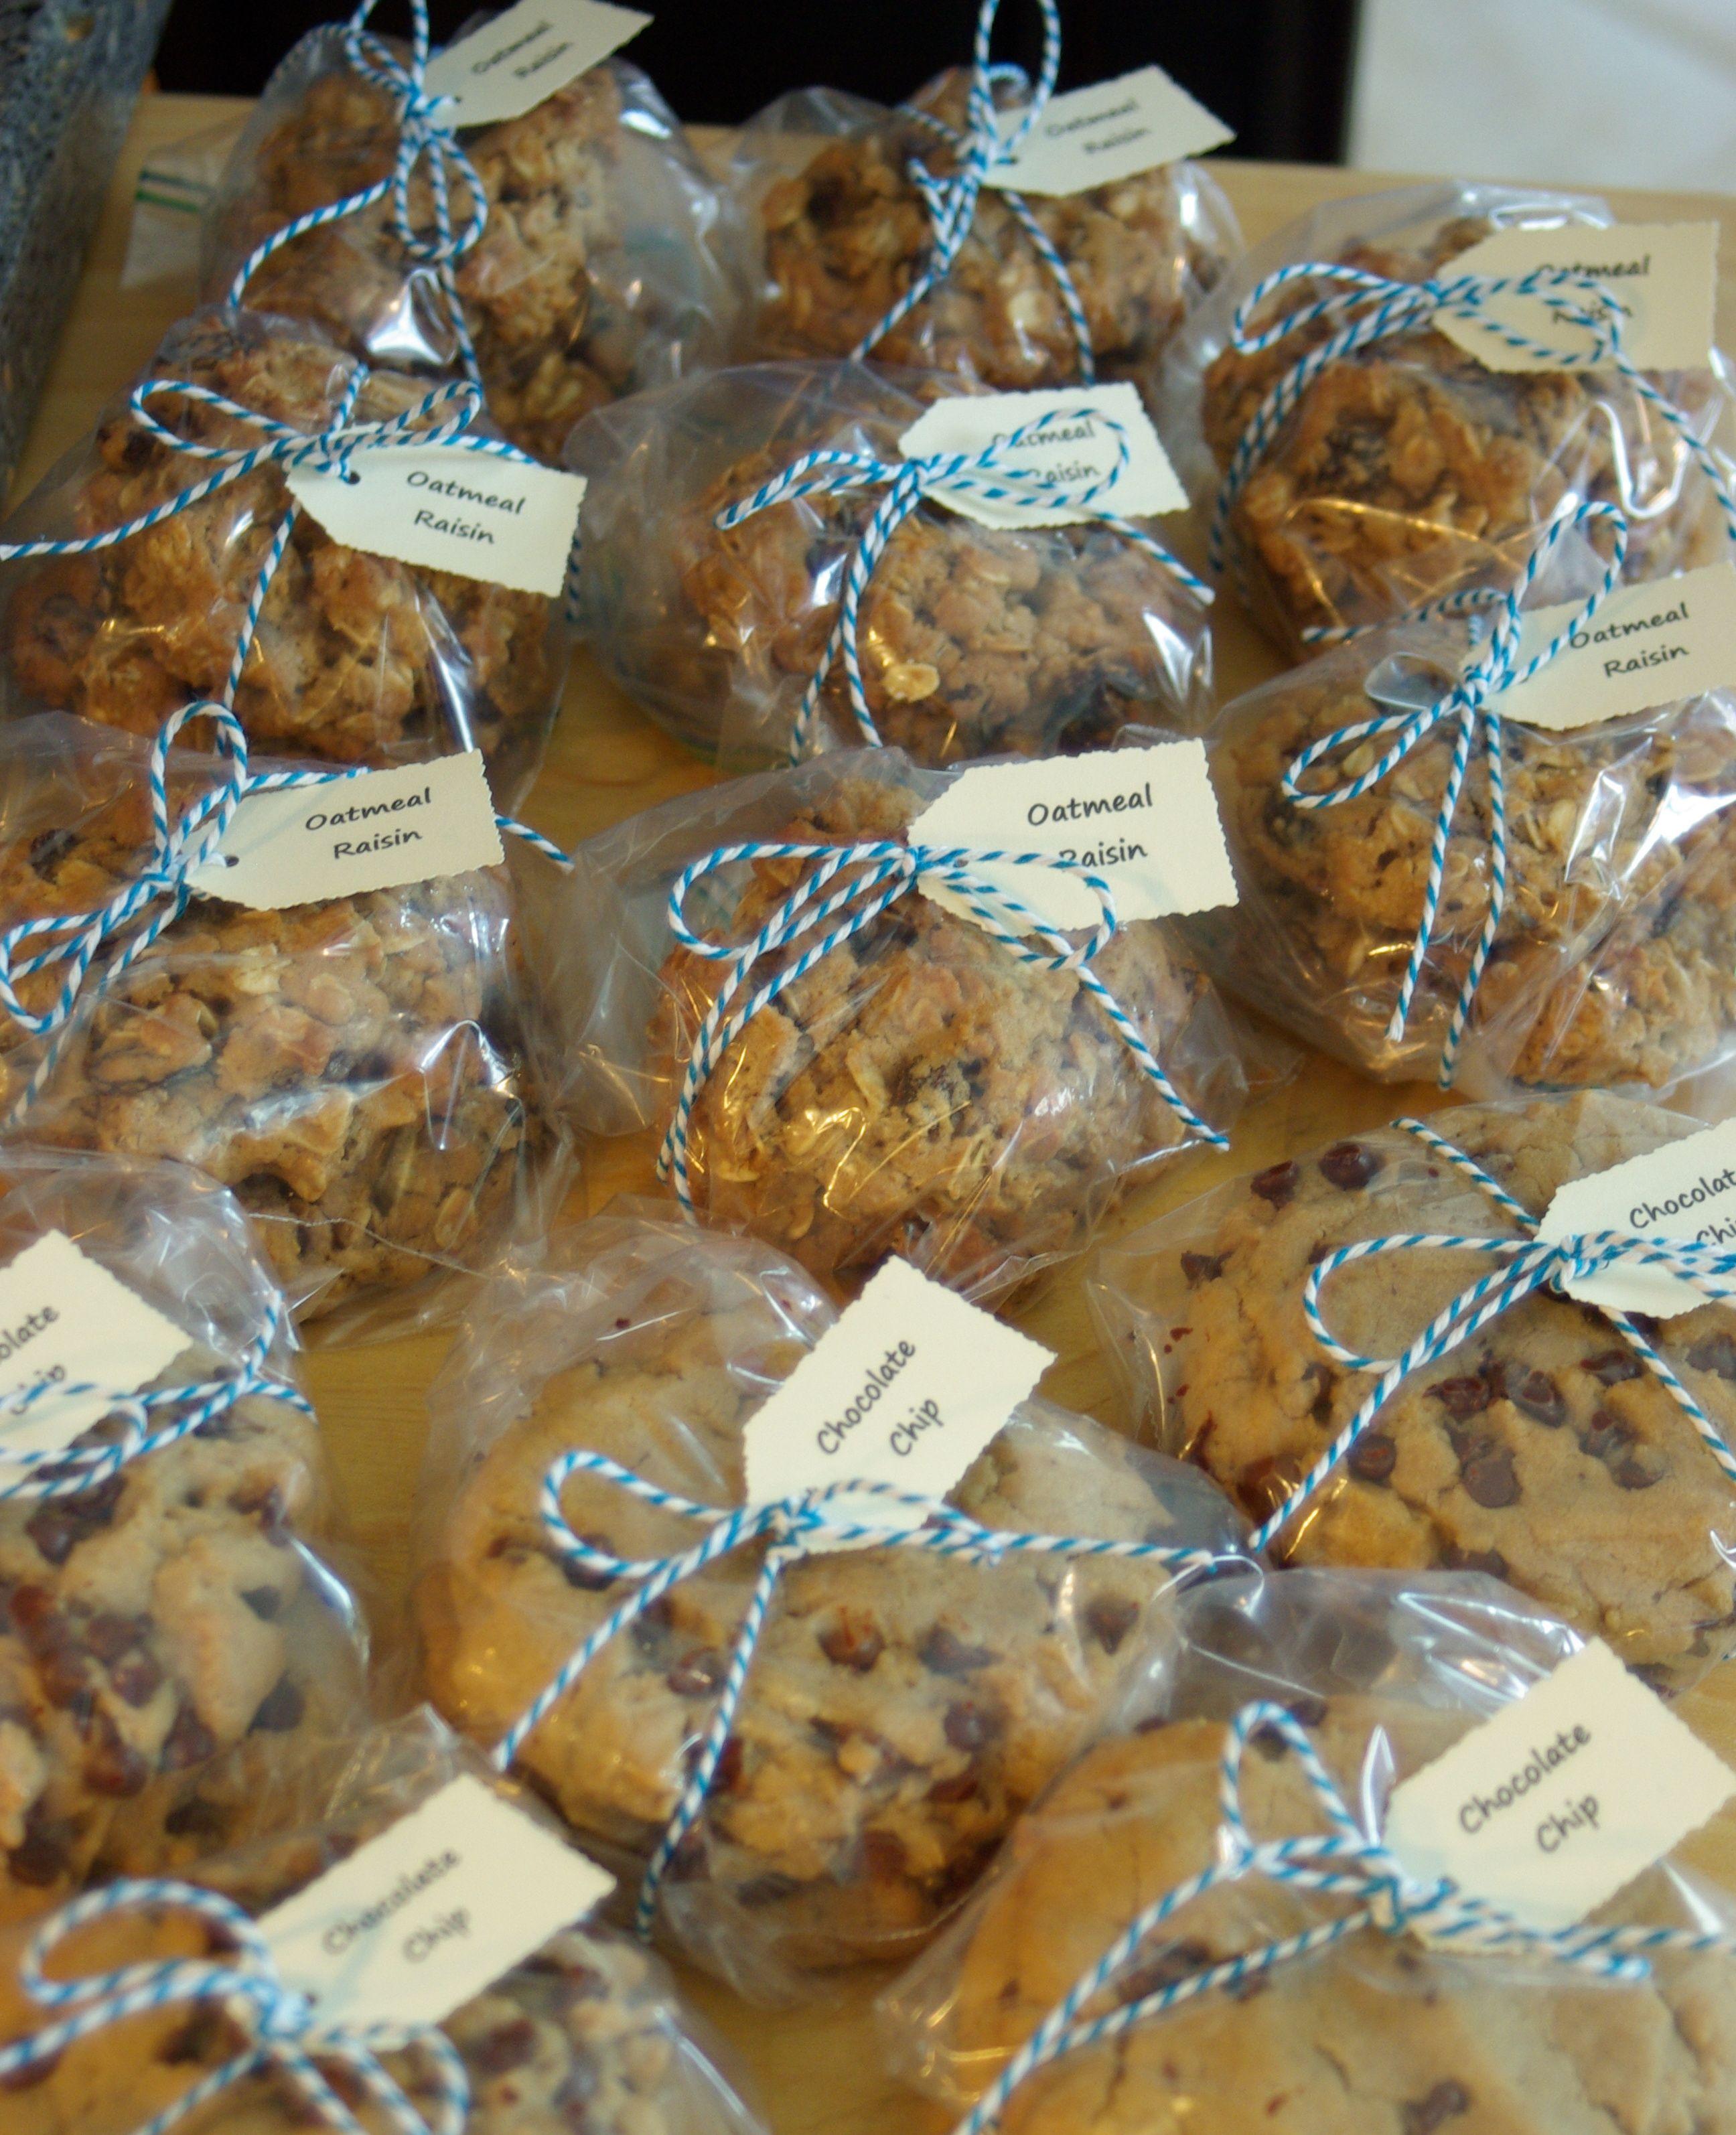 Best sellers at the bake sale!  #2berrycreative #bakerstwine 2berrycreative.com #bakesaleideas